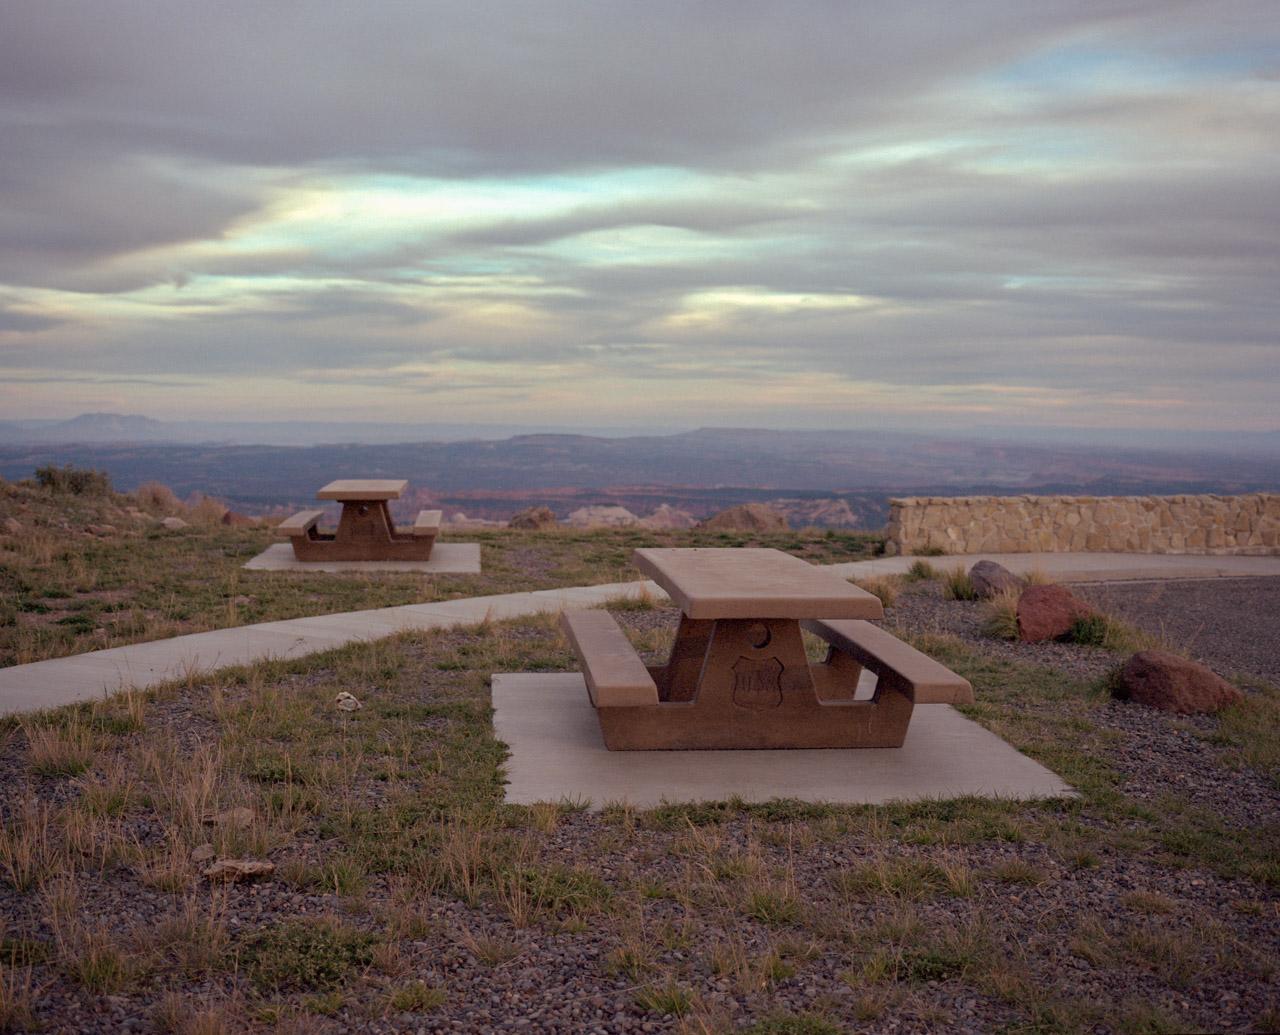 Picnic Bench. Somewhere in Utah. October 2013